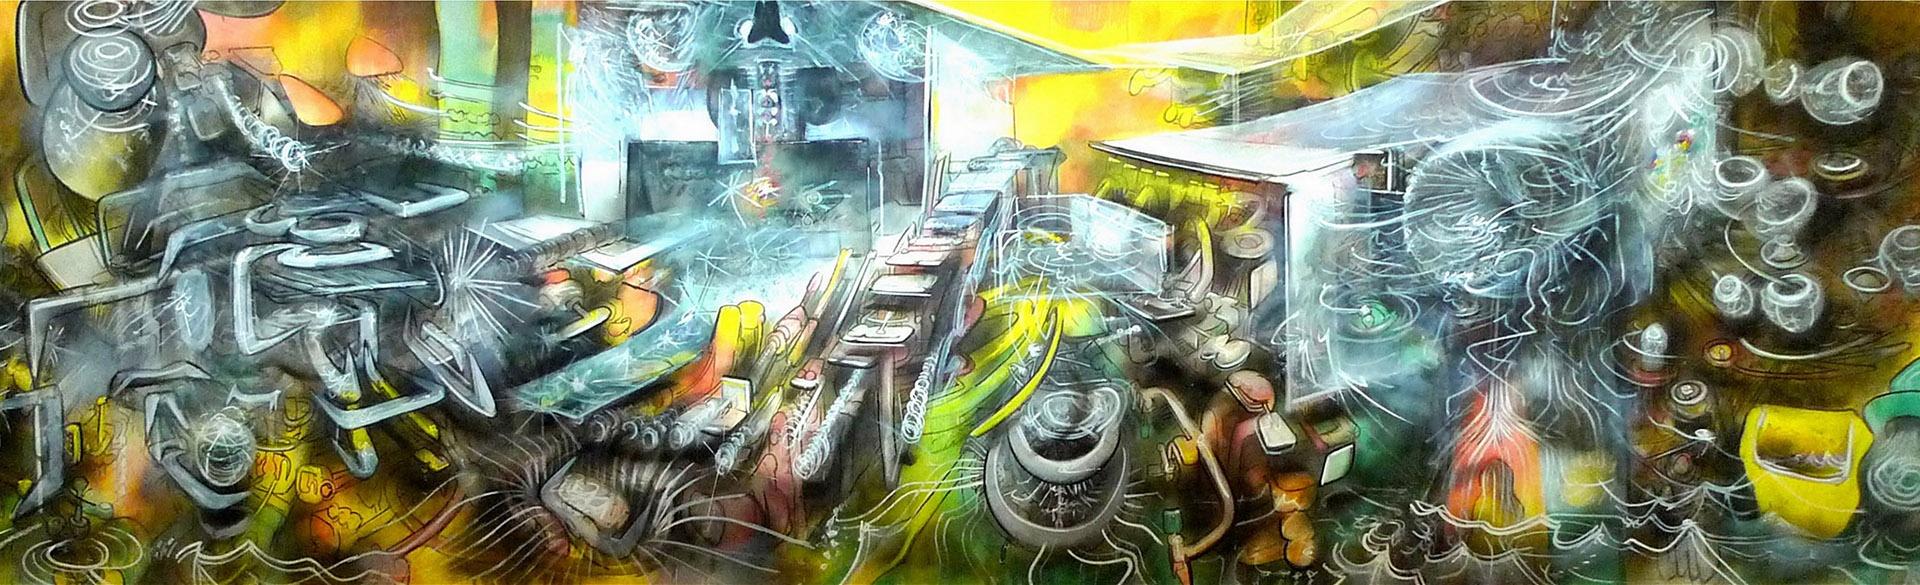 Neves művészek, kimagasló, nagy értékű festmény különlegességei